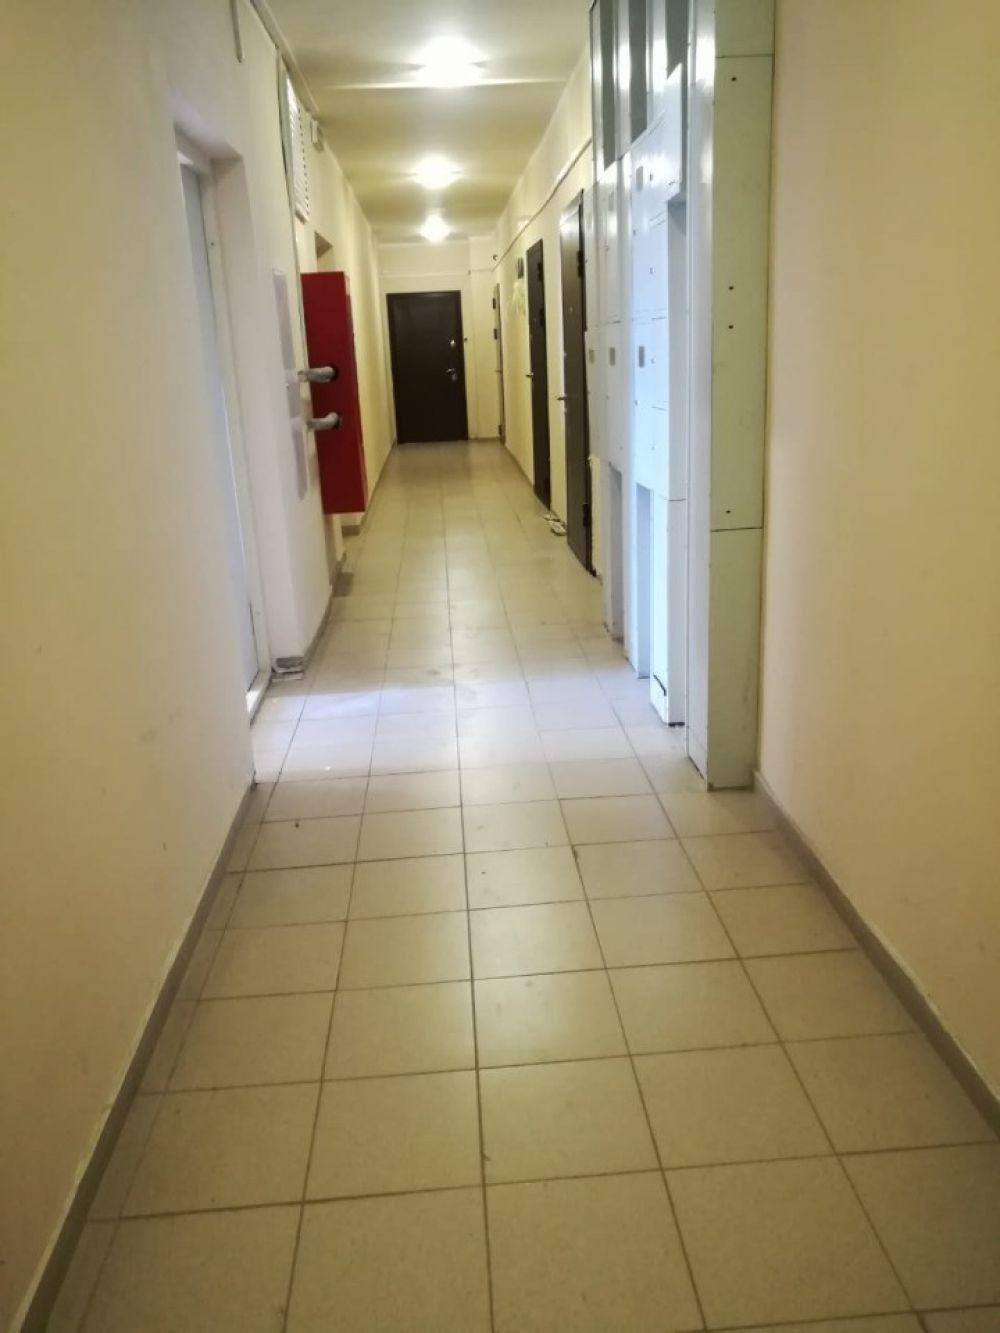 3-к квартира, п. Свердловский, ЖК Лукино-Варино, ул. Строителей д.6, фото 2